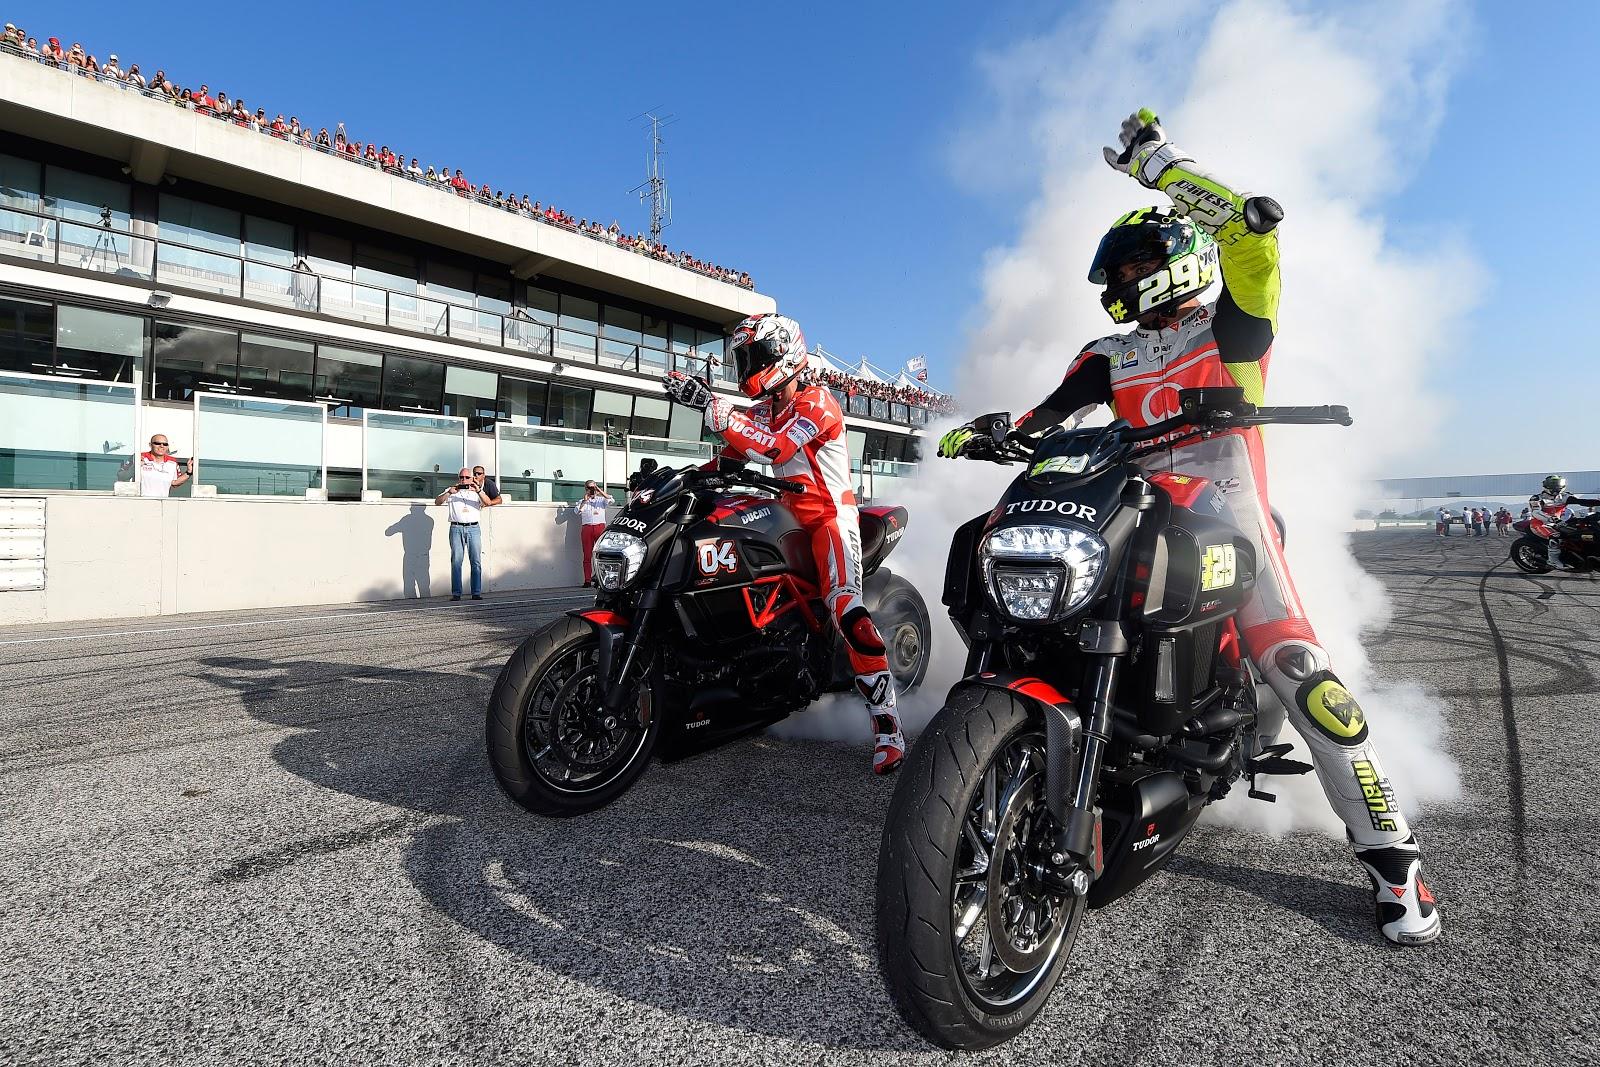 World Ducati Week 2016 sẽ là sự kiện hot nhất với dân mê mô tô